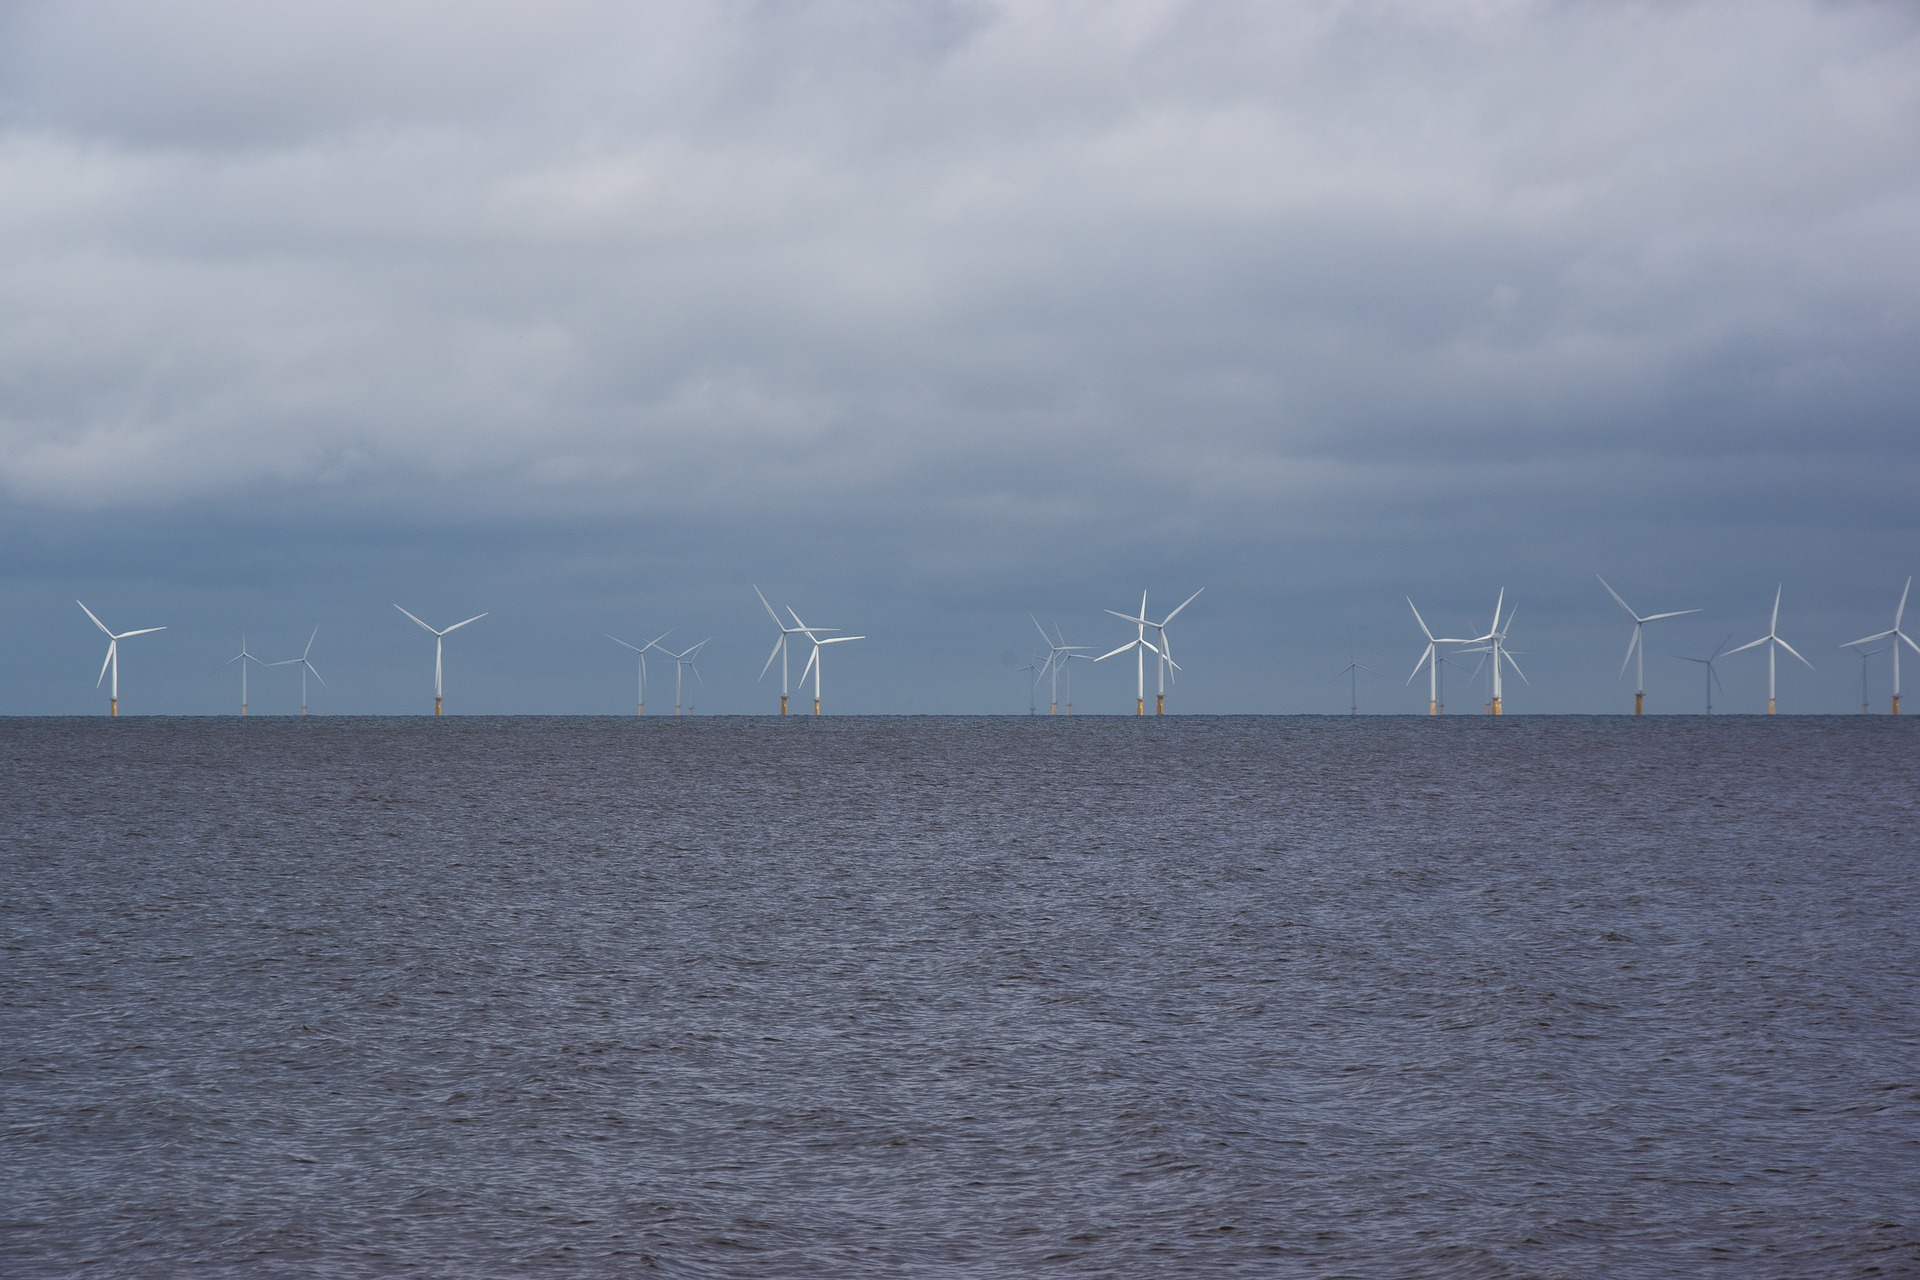 gouvernement valide parc eolien flottant belle-ile - L'Energeek